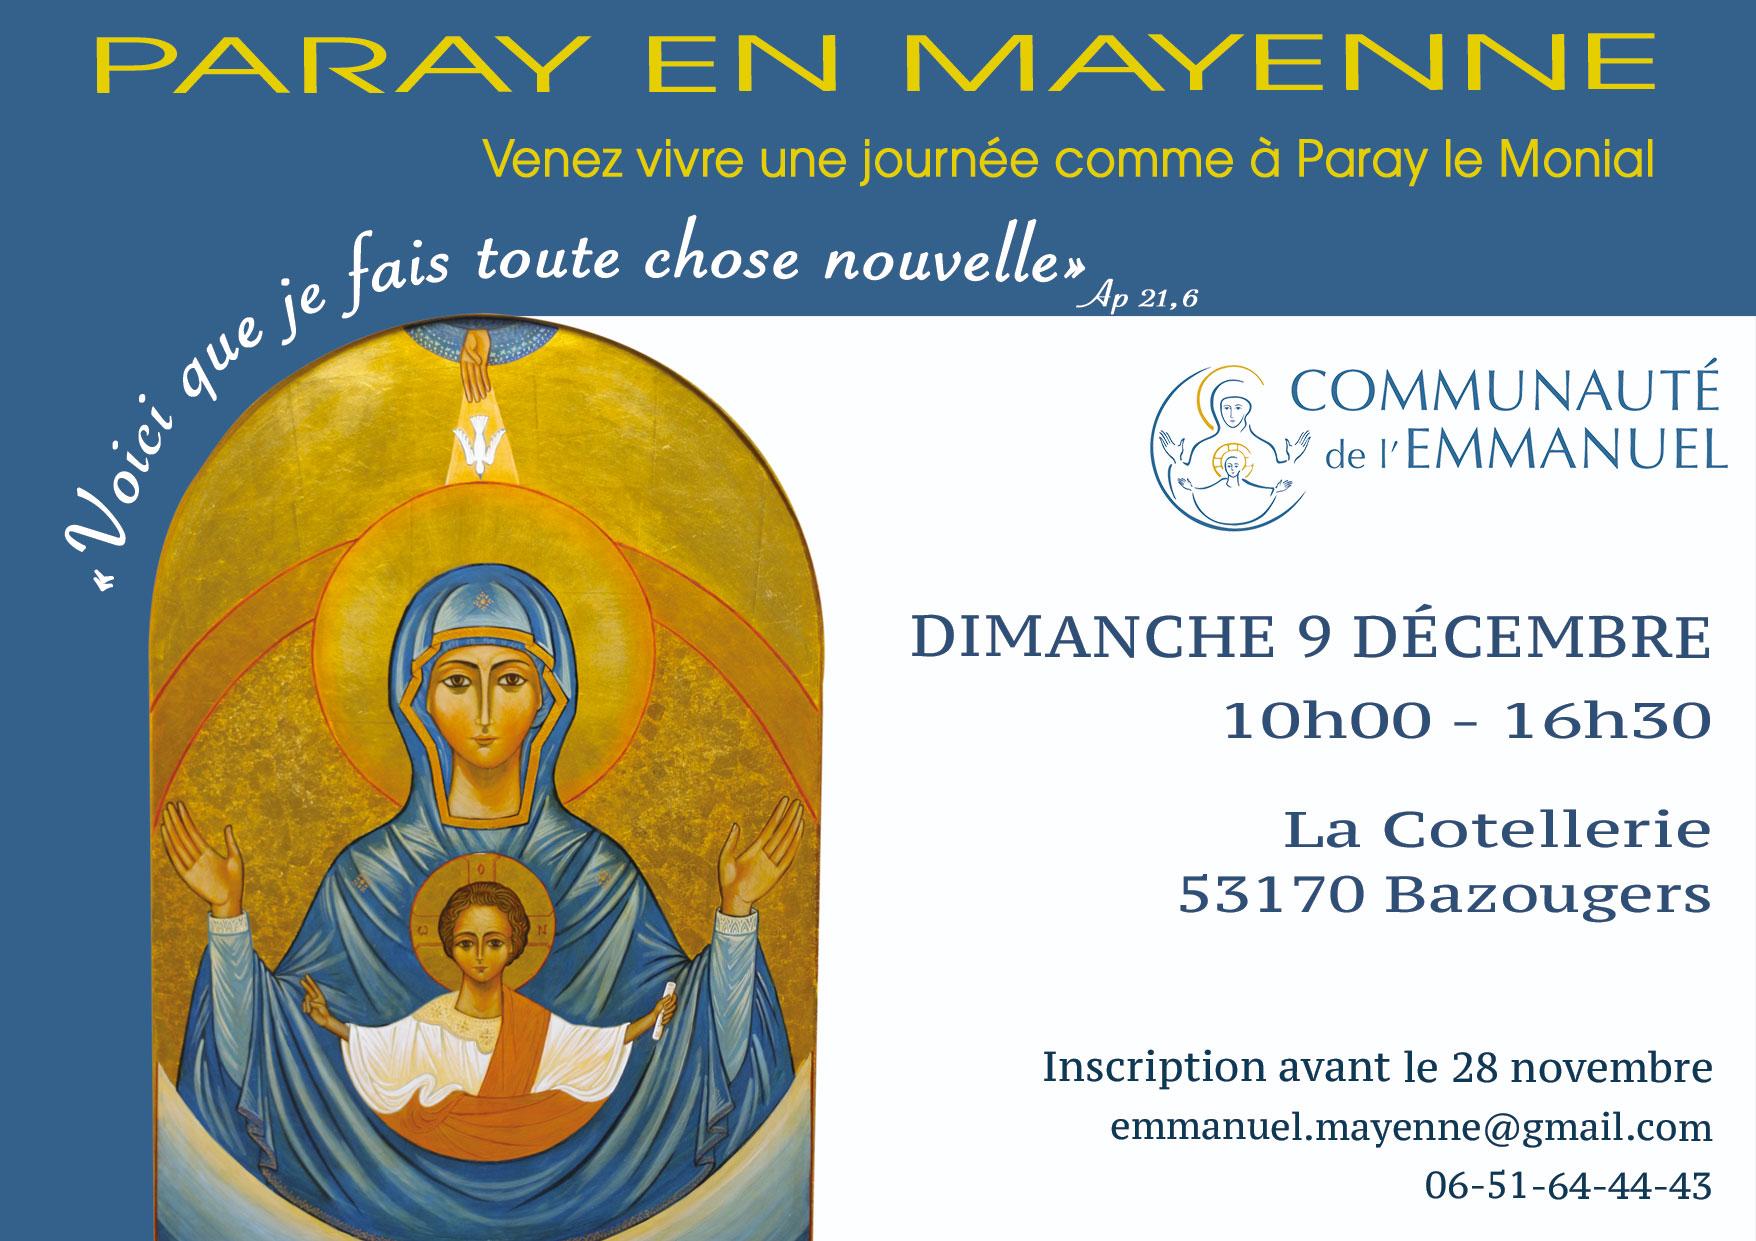 """""""Paray en Mayenne"""", vivez une journée type le 9 décembre 2018 à Bazougers (53)"""